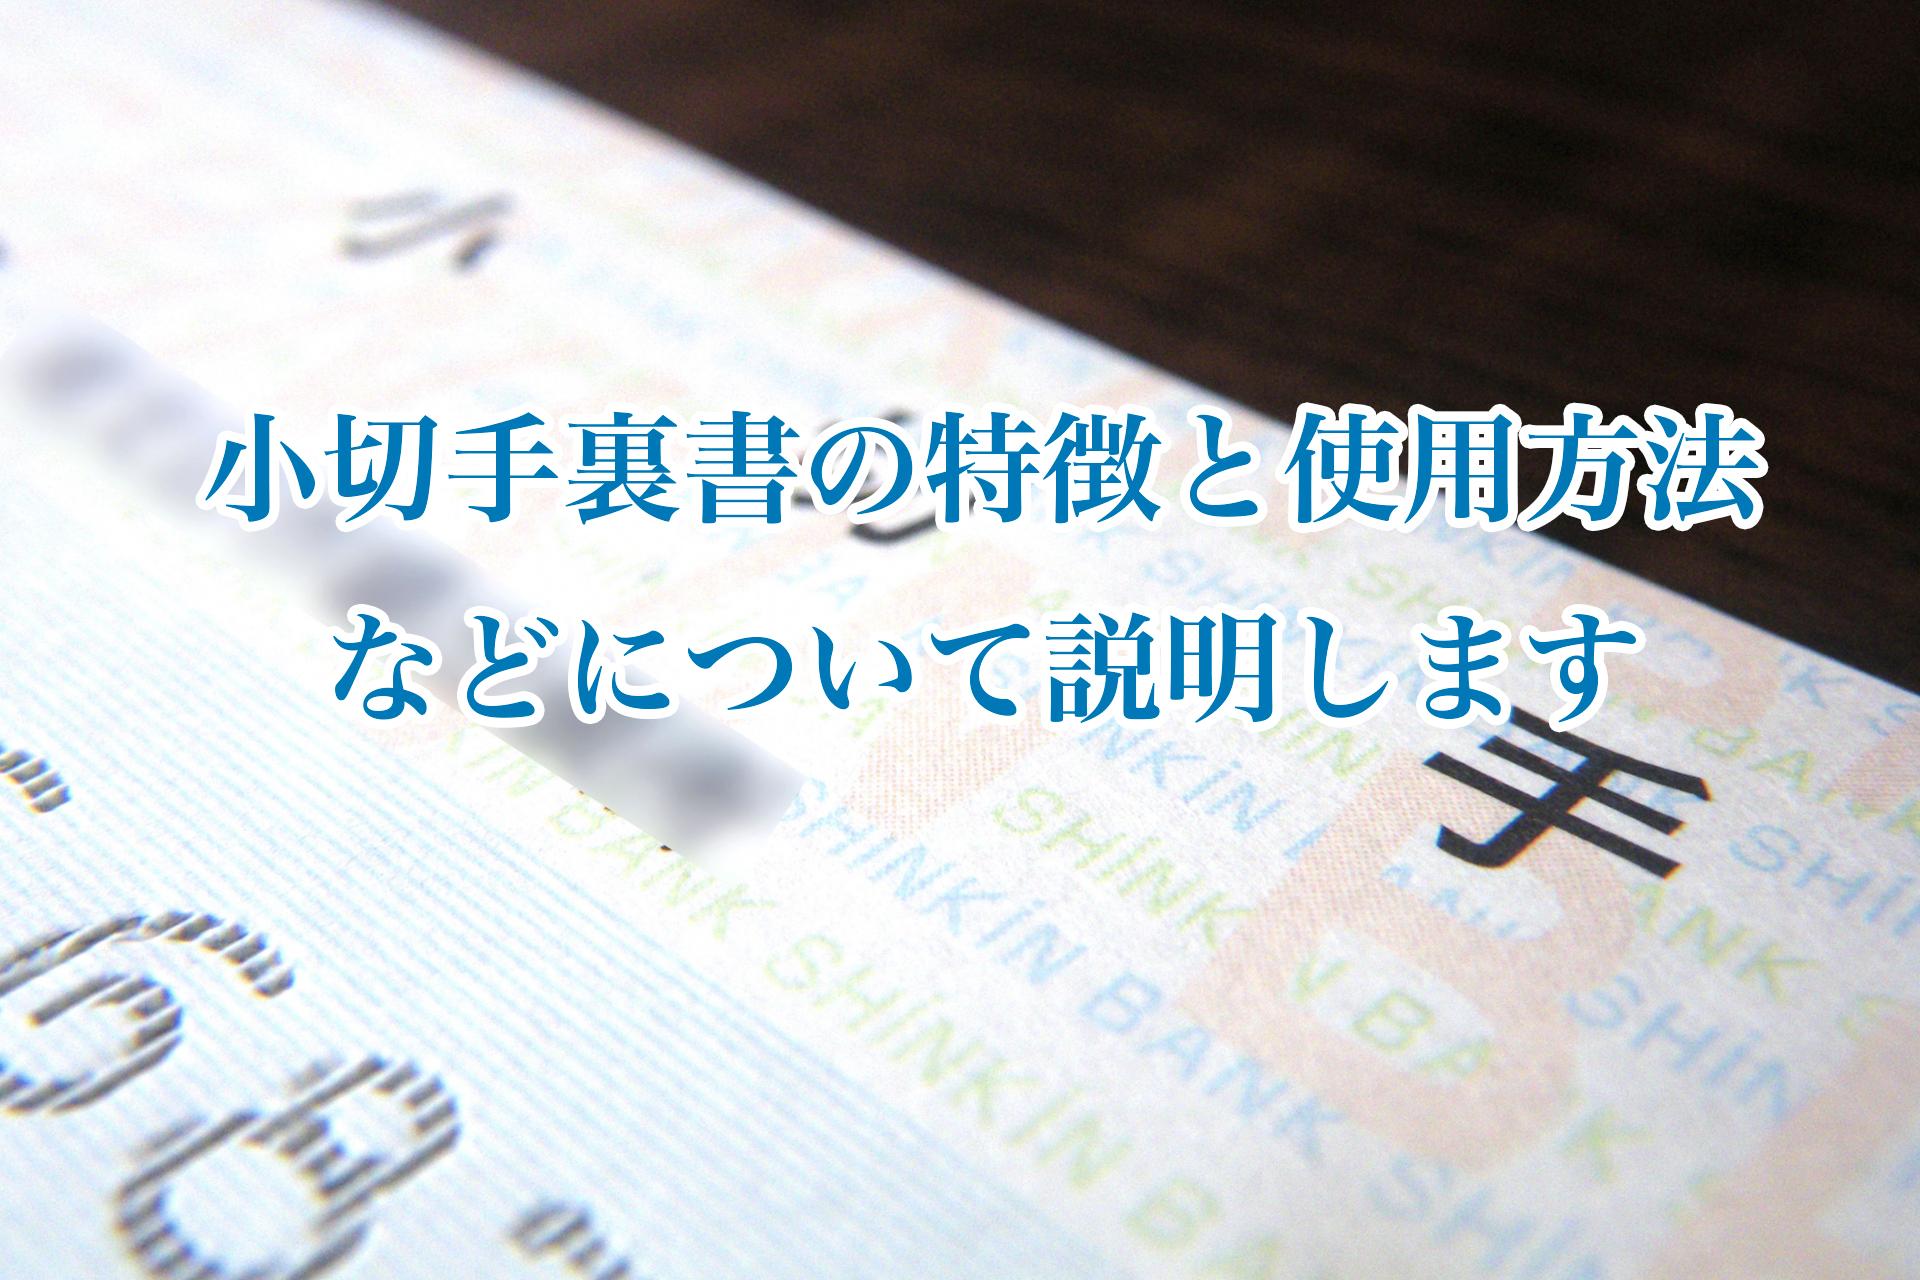 小切手裏書の特徴と使用方法などについて説明します